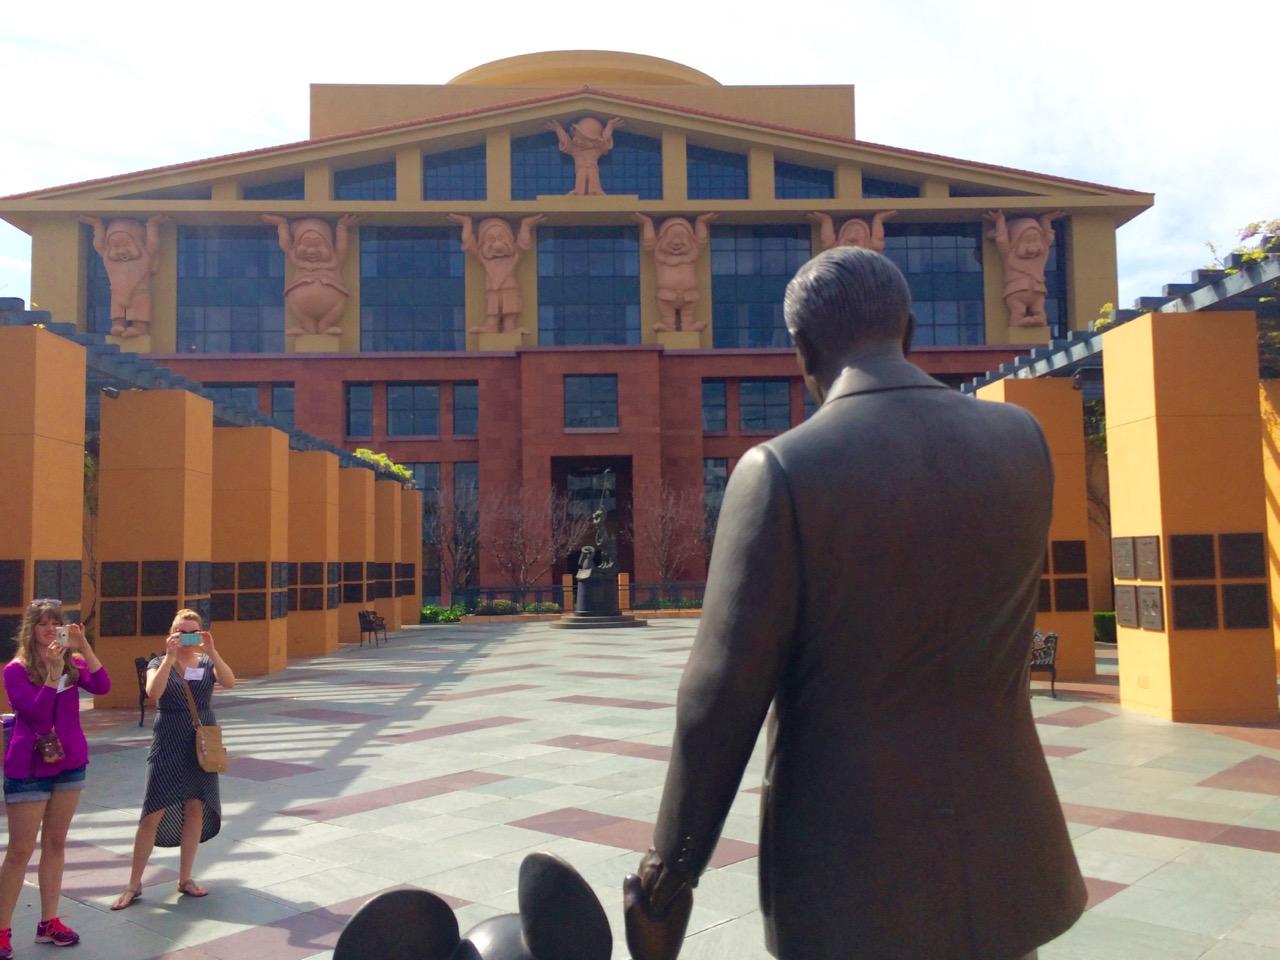 Disney Legends Plaza. Photo by J. Jeff Kober.